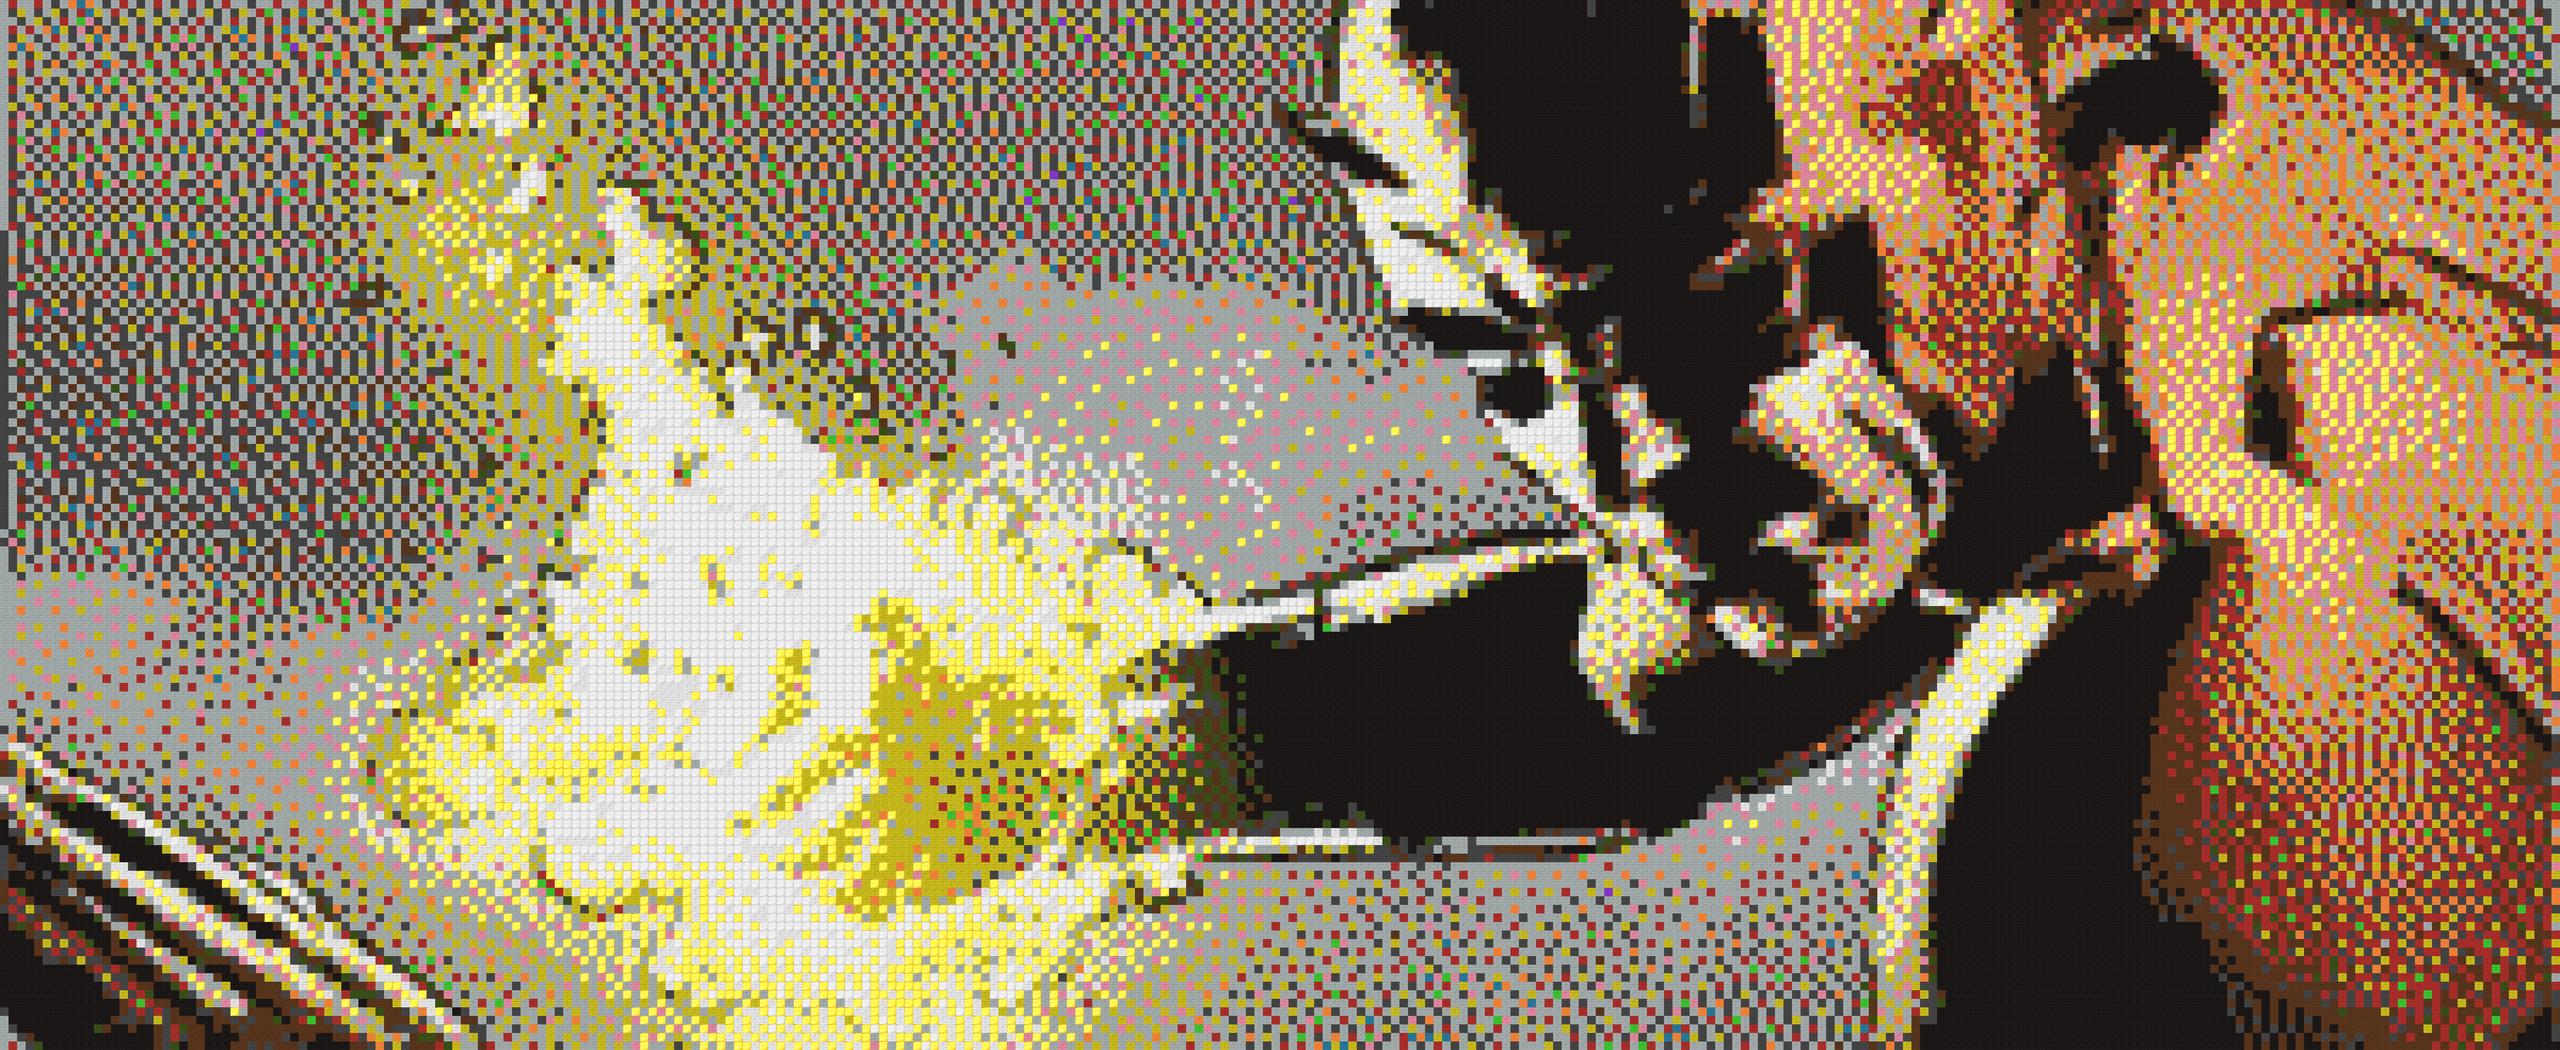 Minecraft Schematics on minecraft controls, minecraft dragon head, minecraft airport, minecraft kingdom map, minecraft tools, minecraft designs, minecraft wool art, minecraft lighthouse, minecraft charts, minecraft at at, minecraft ideas, minecraft stuff, minecraft nether dragon, minecraft texture packs, minecraft bom, minecraft projects, minecraft books, minecraft adventure time, minecraft 747 crash,